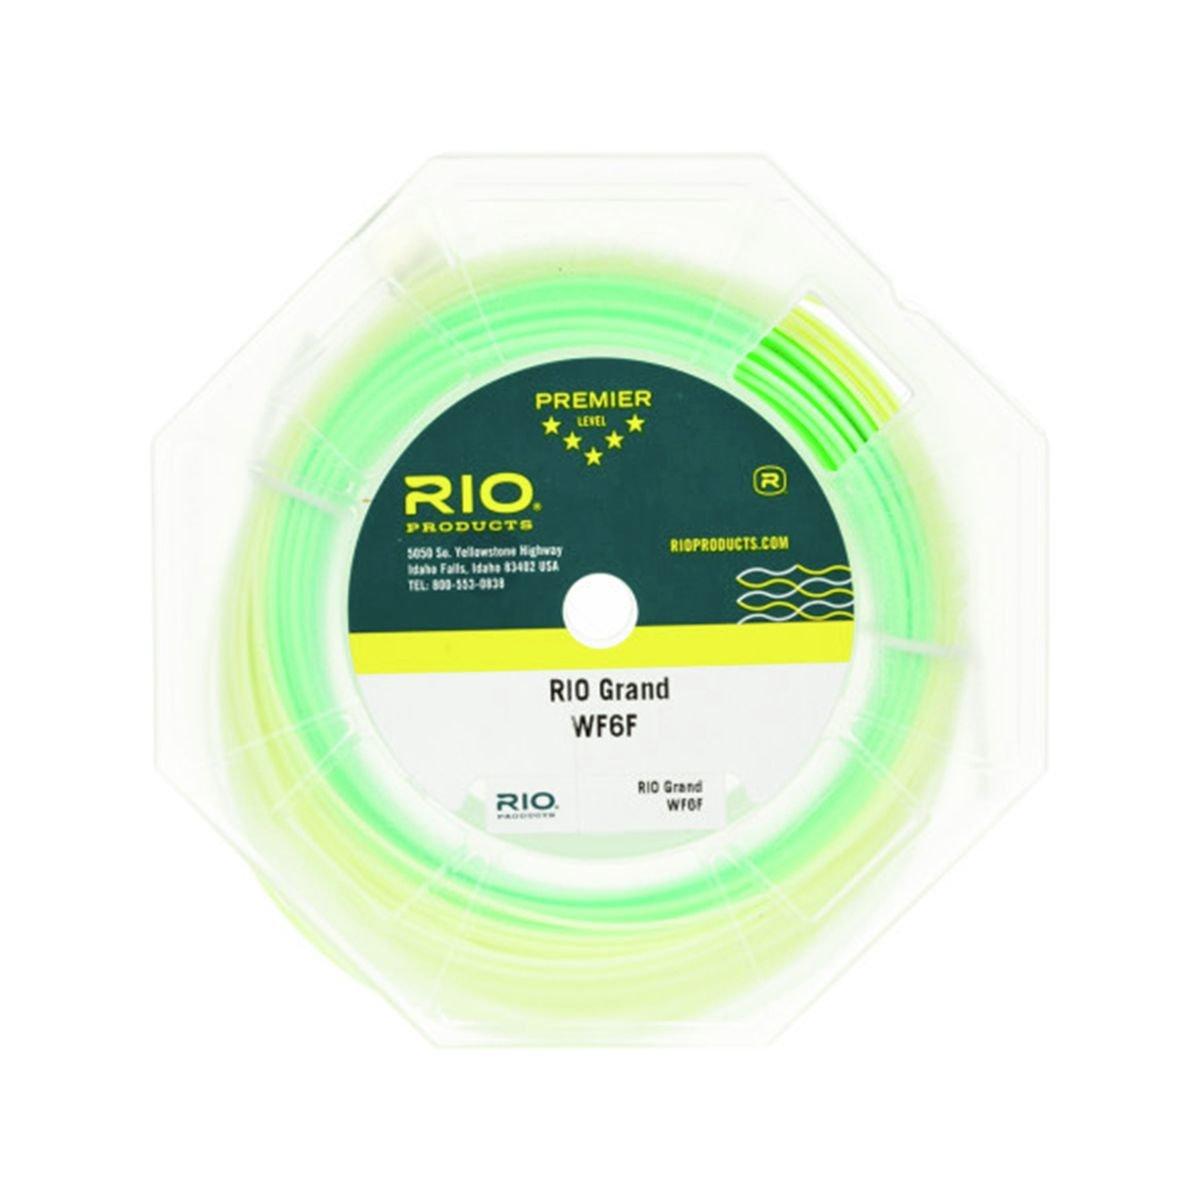 新品?正規品  (WF3F, Pale Green Rio and Lt. Yello) - Series Rio Fly Floating Fishing Grand Series Freshwater Floating Fly Line B003QTJJKY, vanquish international:5e94c0a7 --- a0267596.xsph.ru